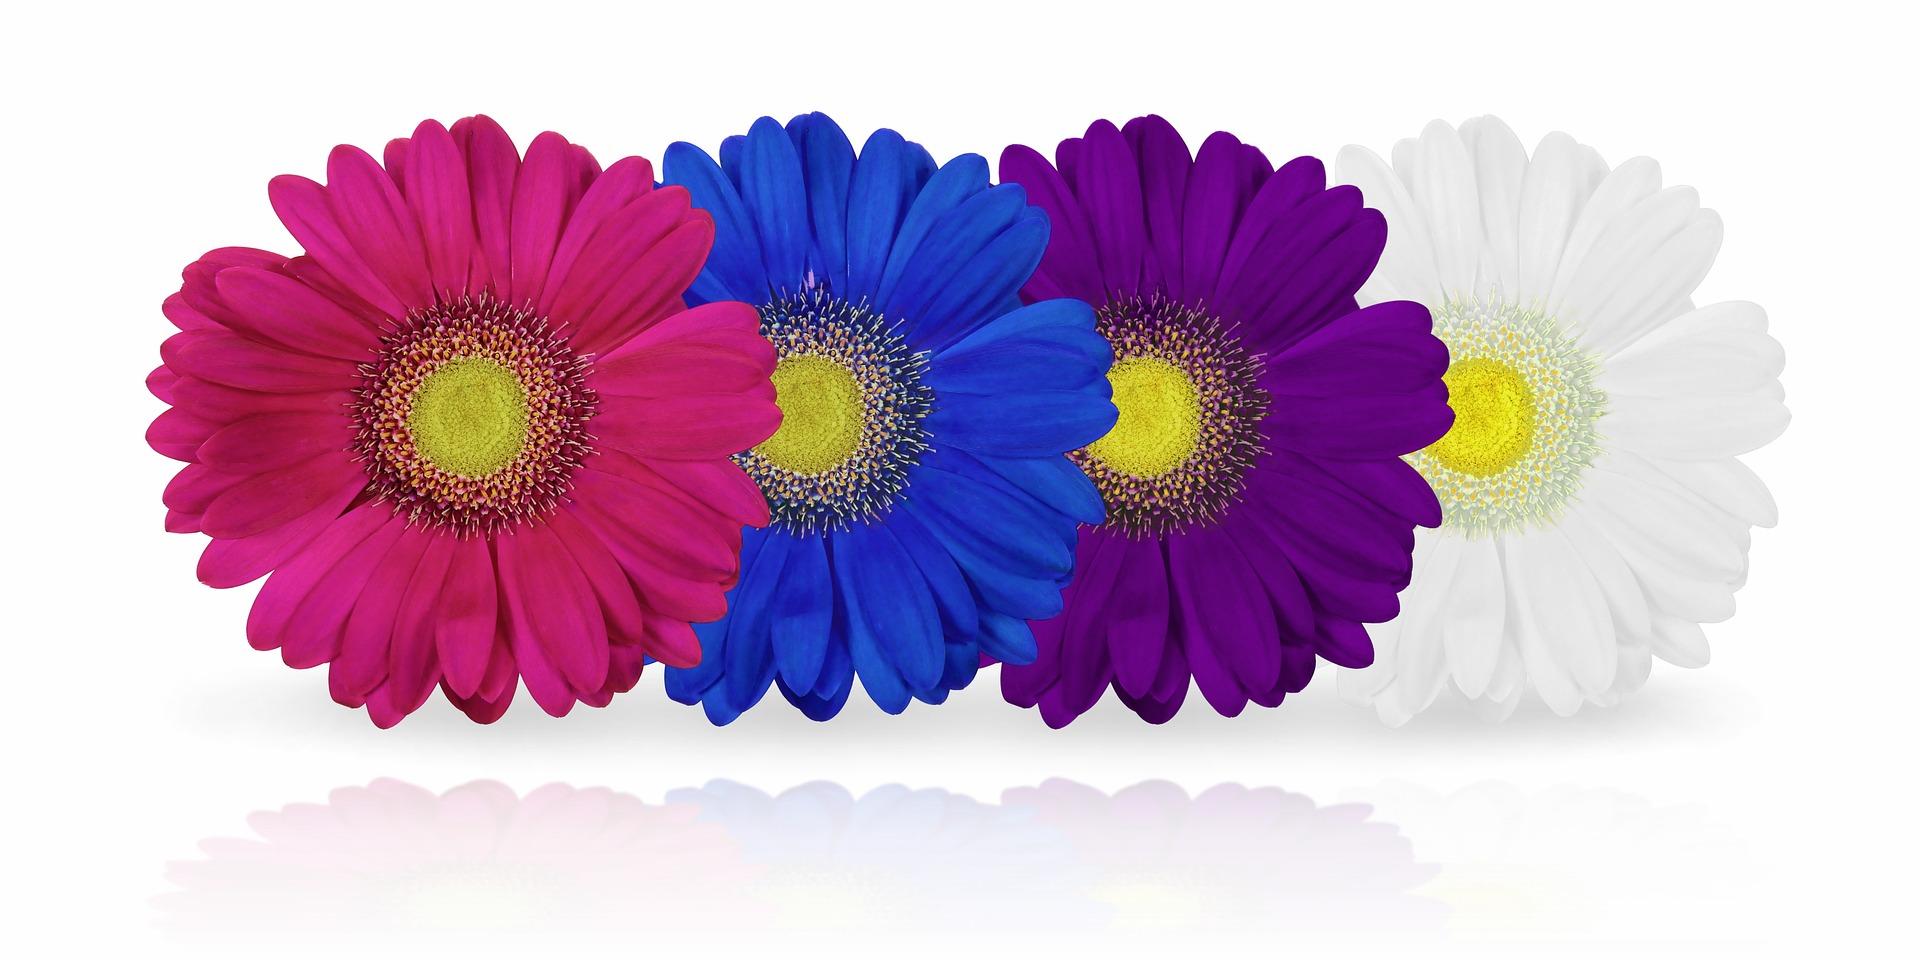 mundo-maxico-fiestas-infantiles-hinchables-arousa-flores